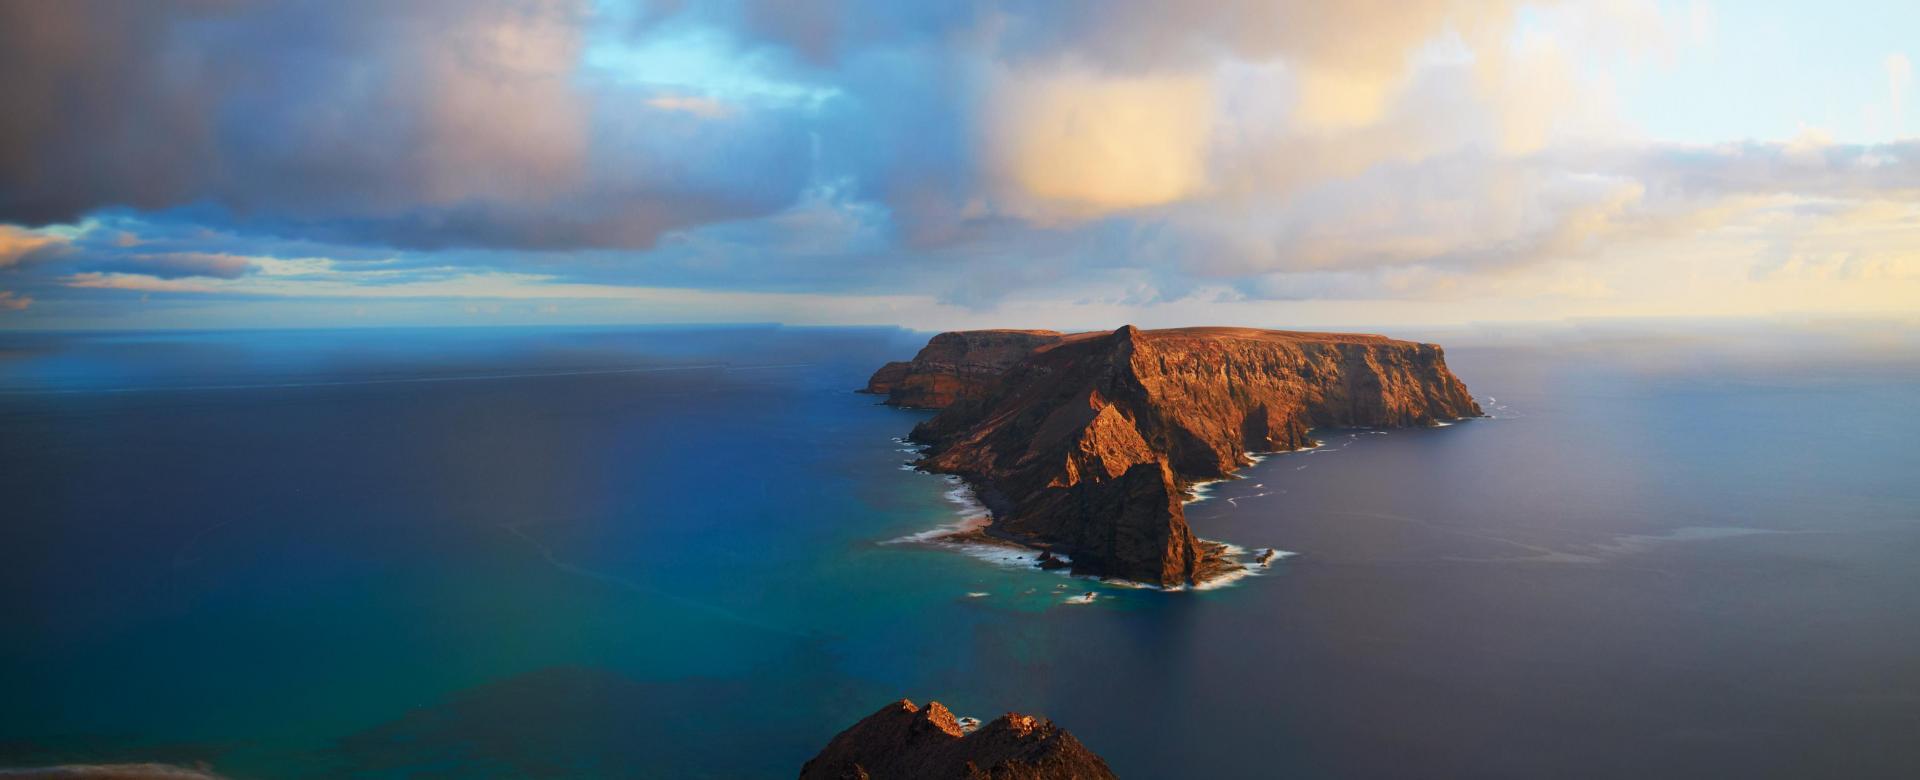 Voyage sur l'eau : Des levadas de madère à l\'île de porto santo